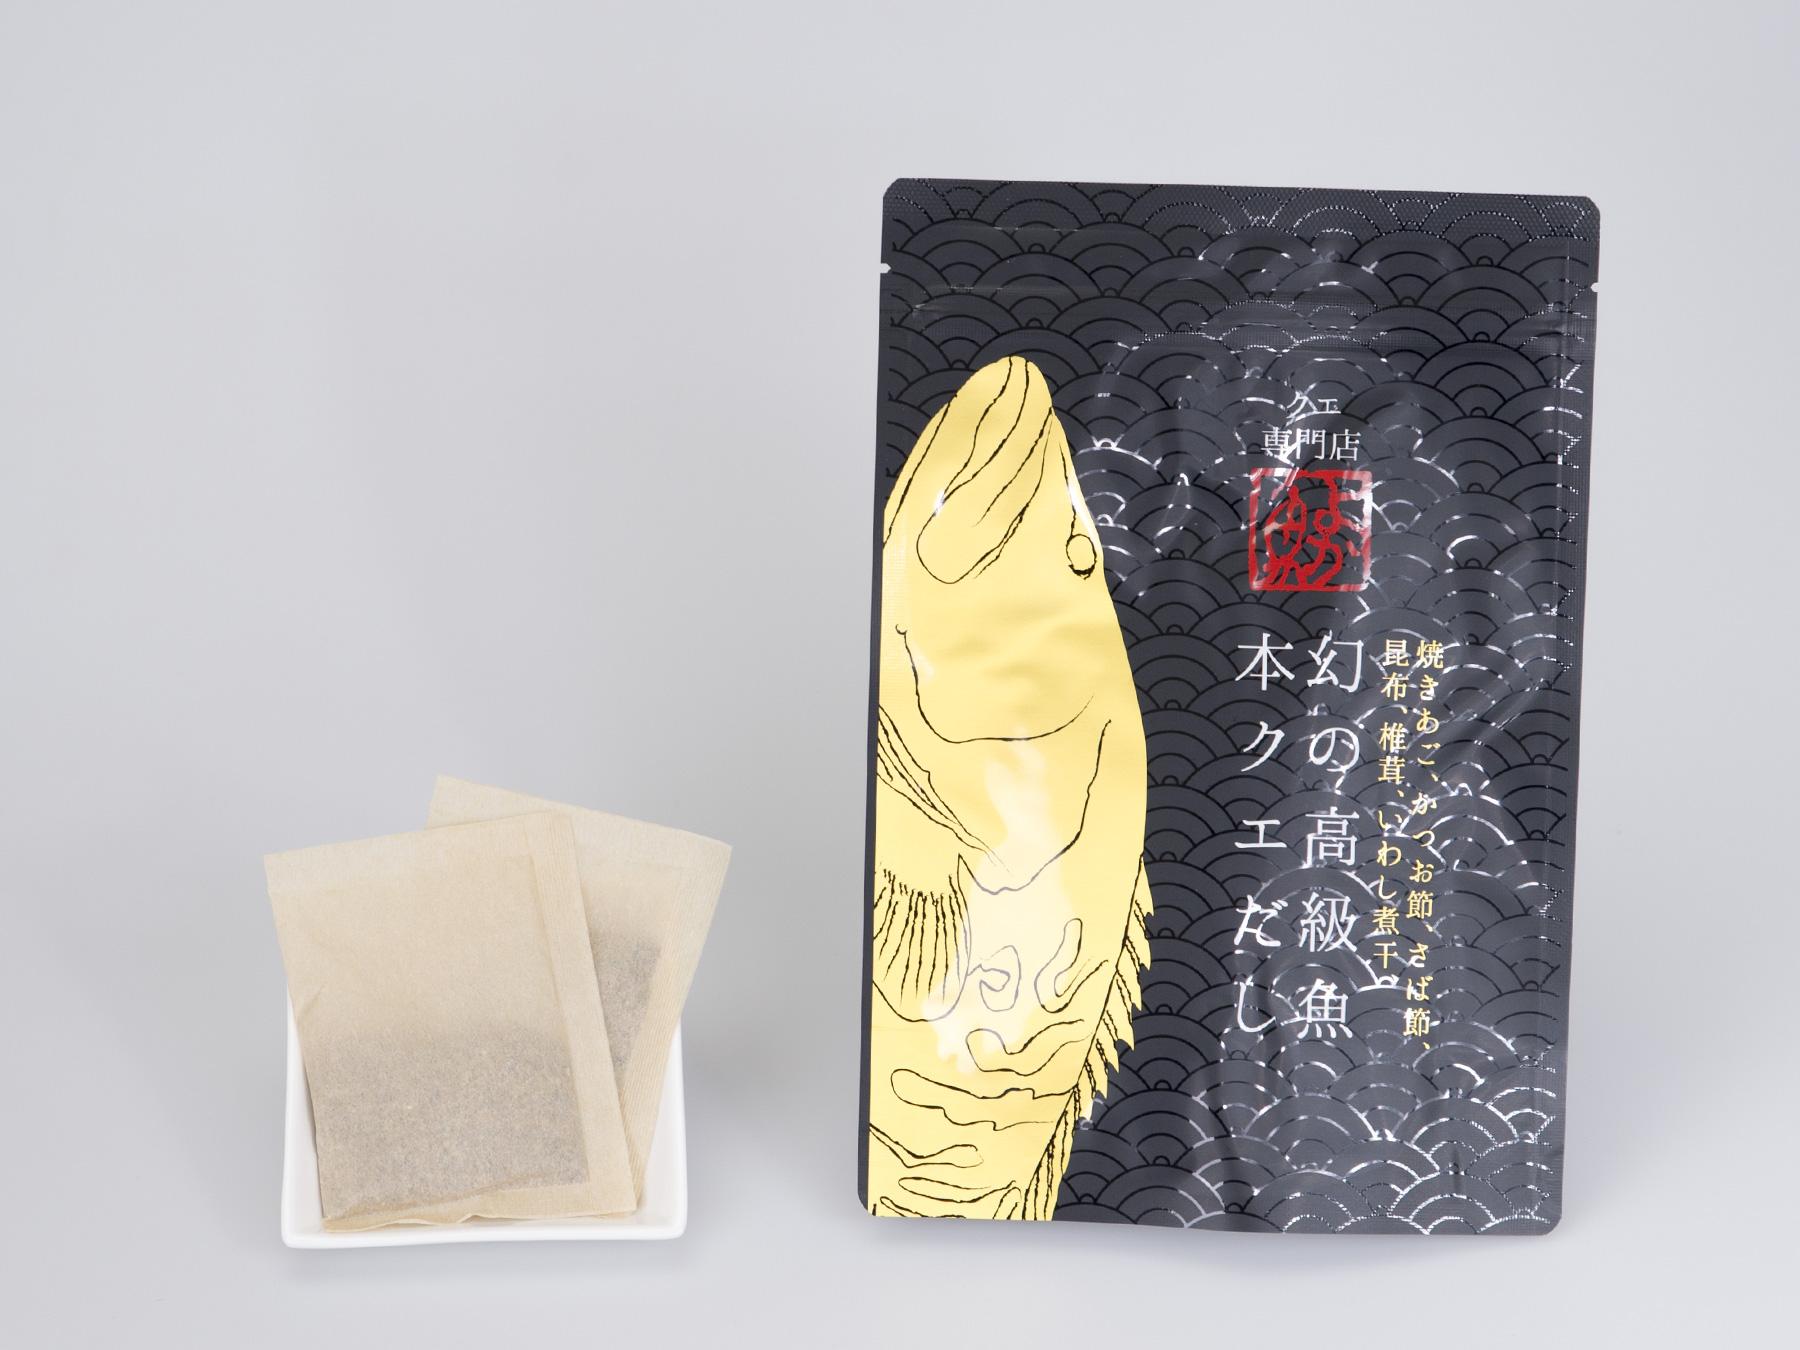 本クエだし(5包入)